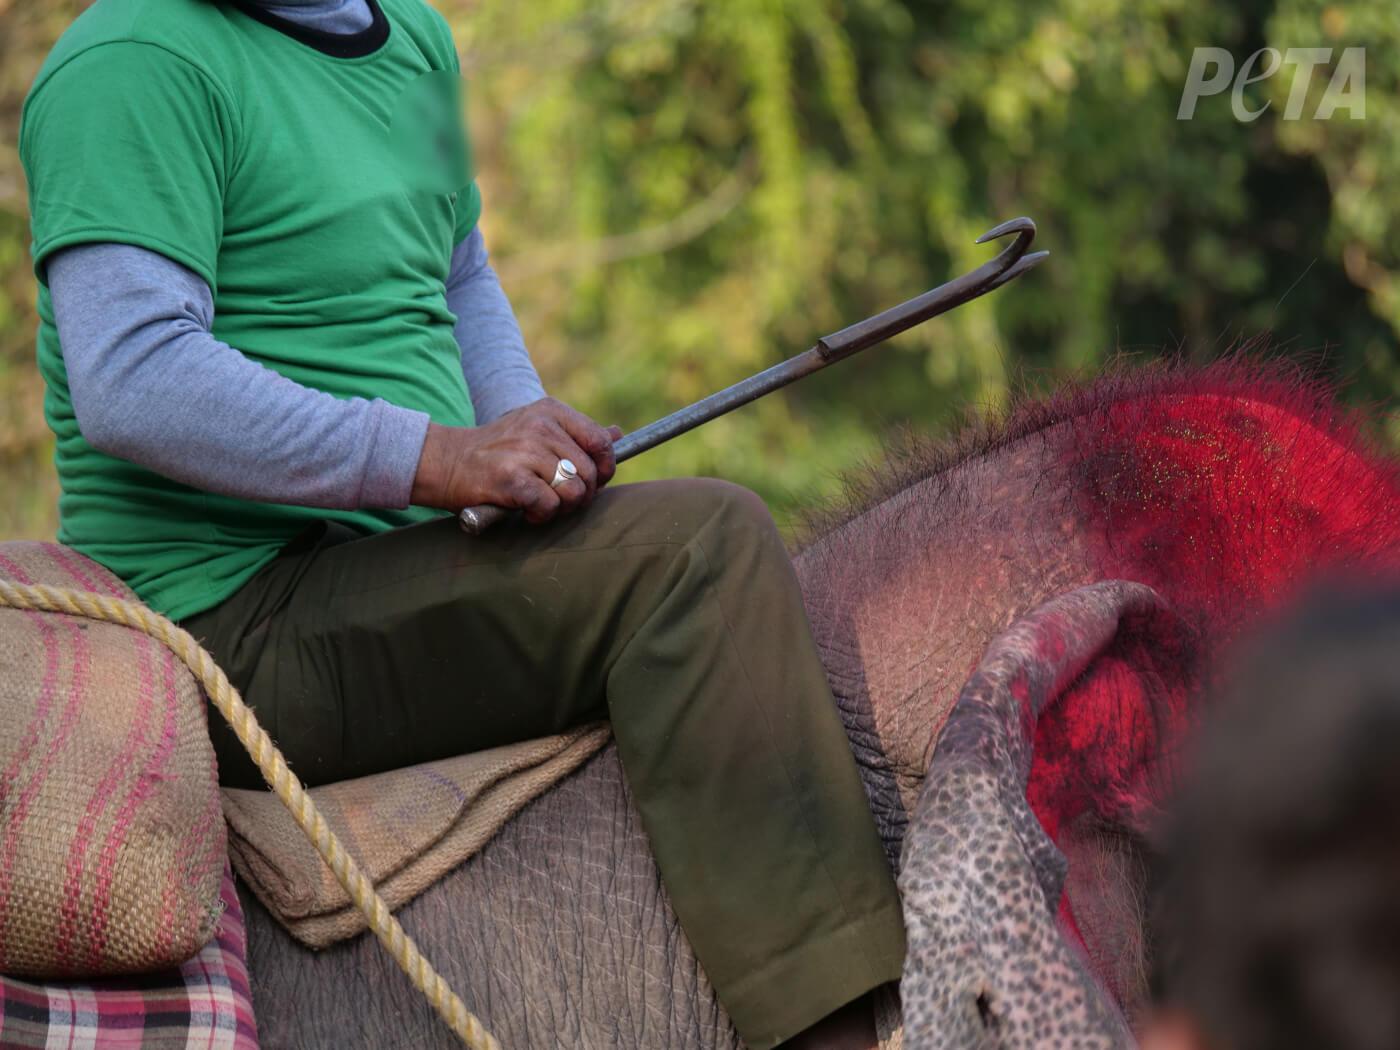 Wreedheid voor toerisme: olifanten worden tot bloedens toe geslagen op olifantenfestival in Nepal